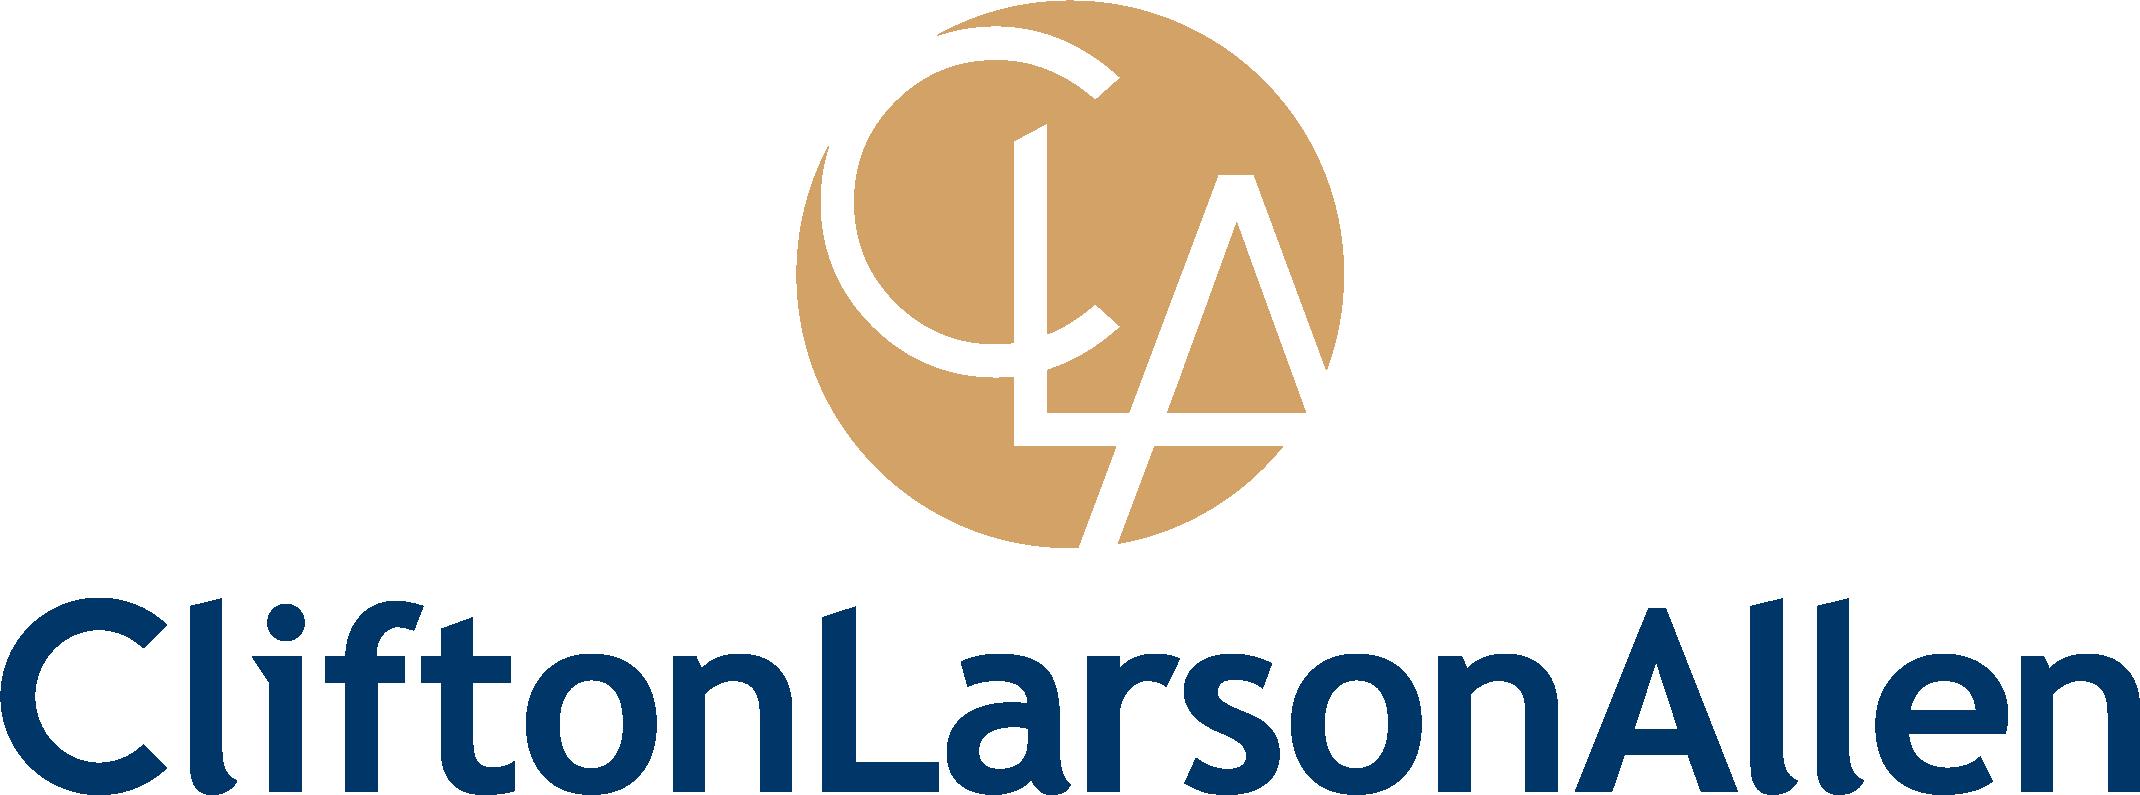 Clifton Larson Allen Logo. (CLA)